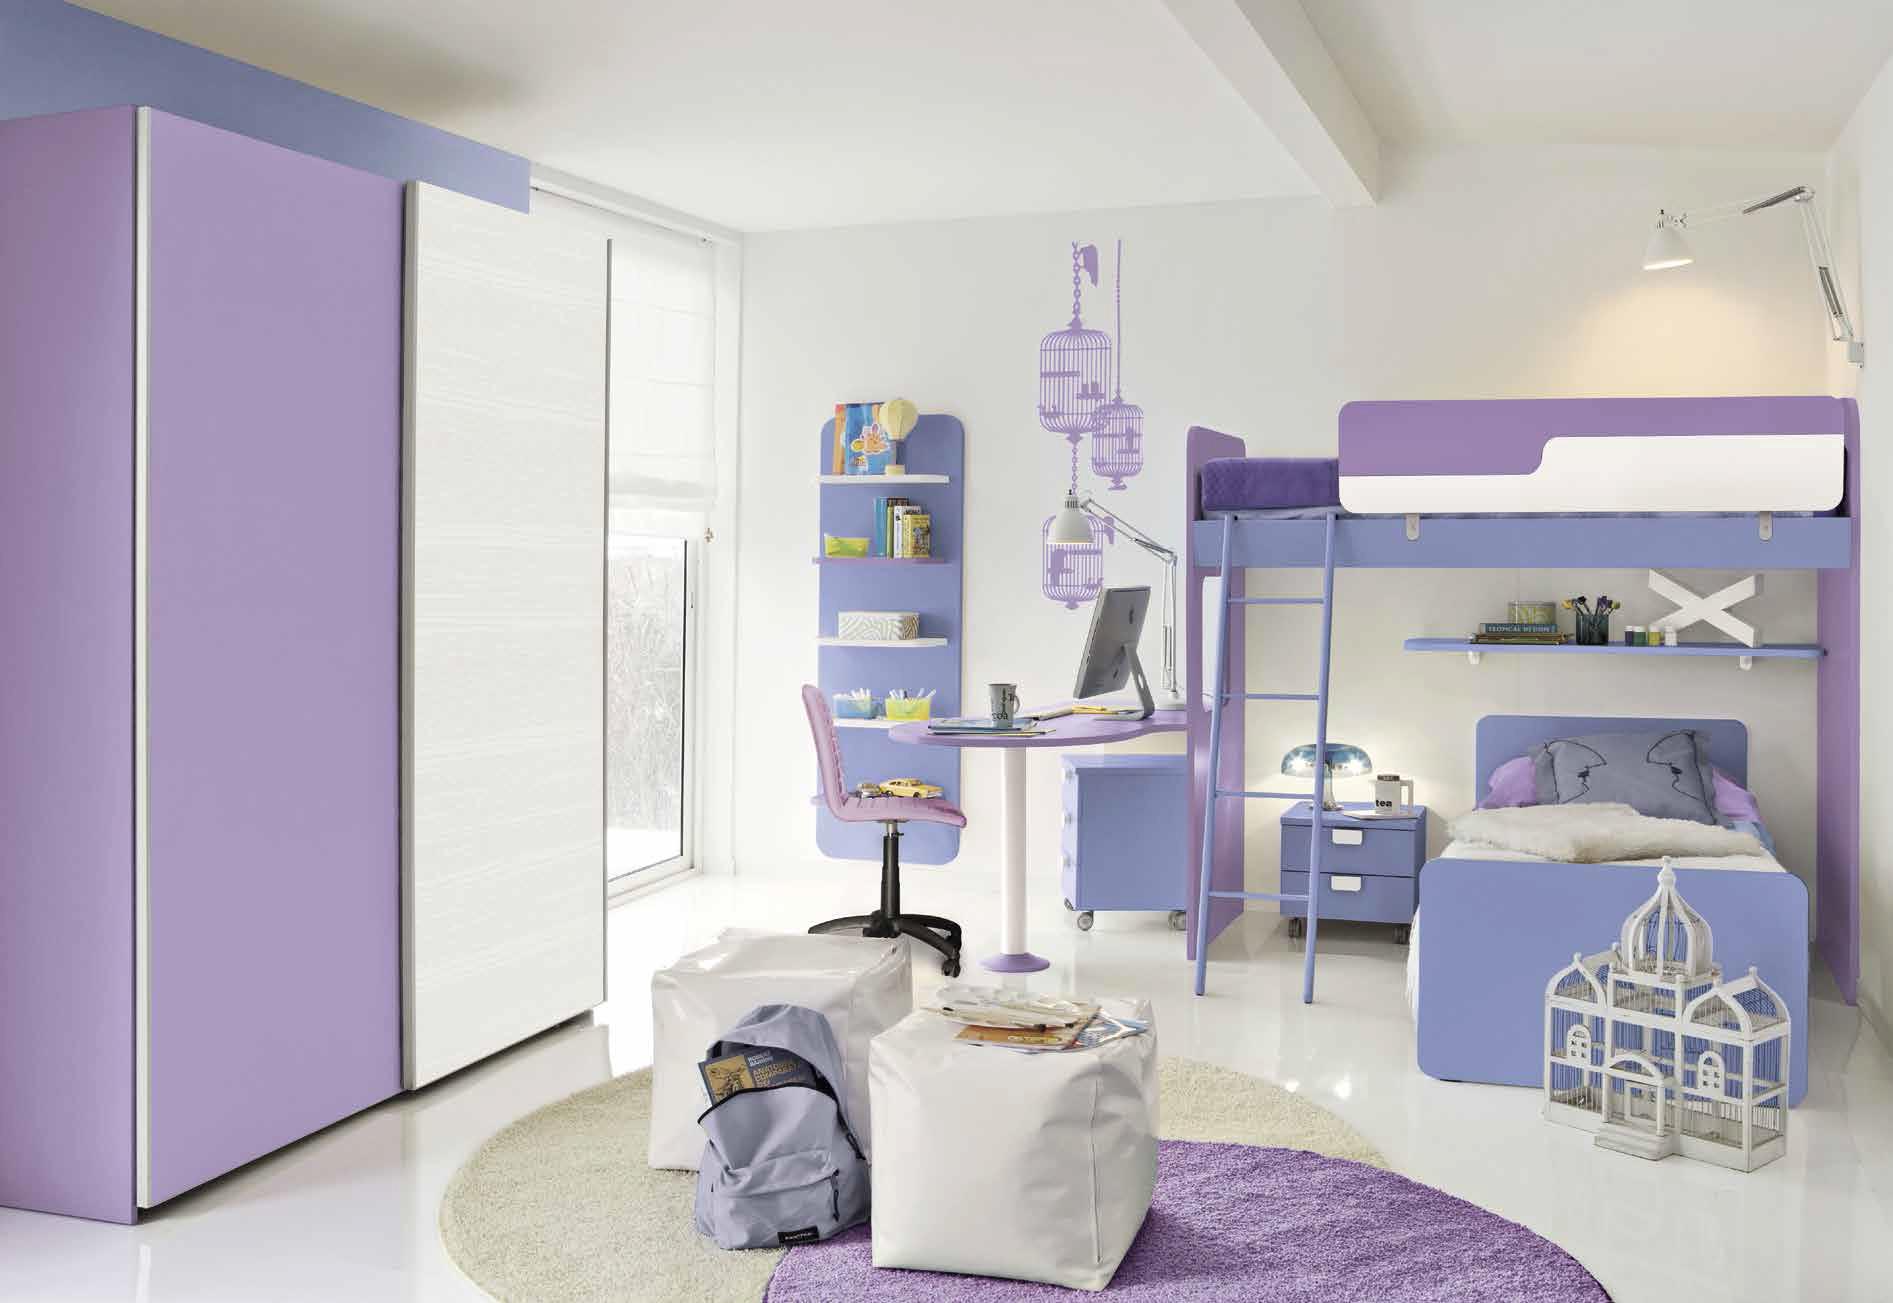 Idee Per Camere Ragazzi camerette attrezzate. la camera per ragazzi. capitolo 5